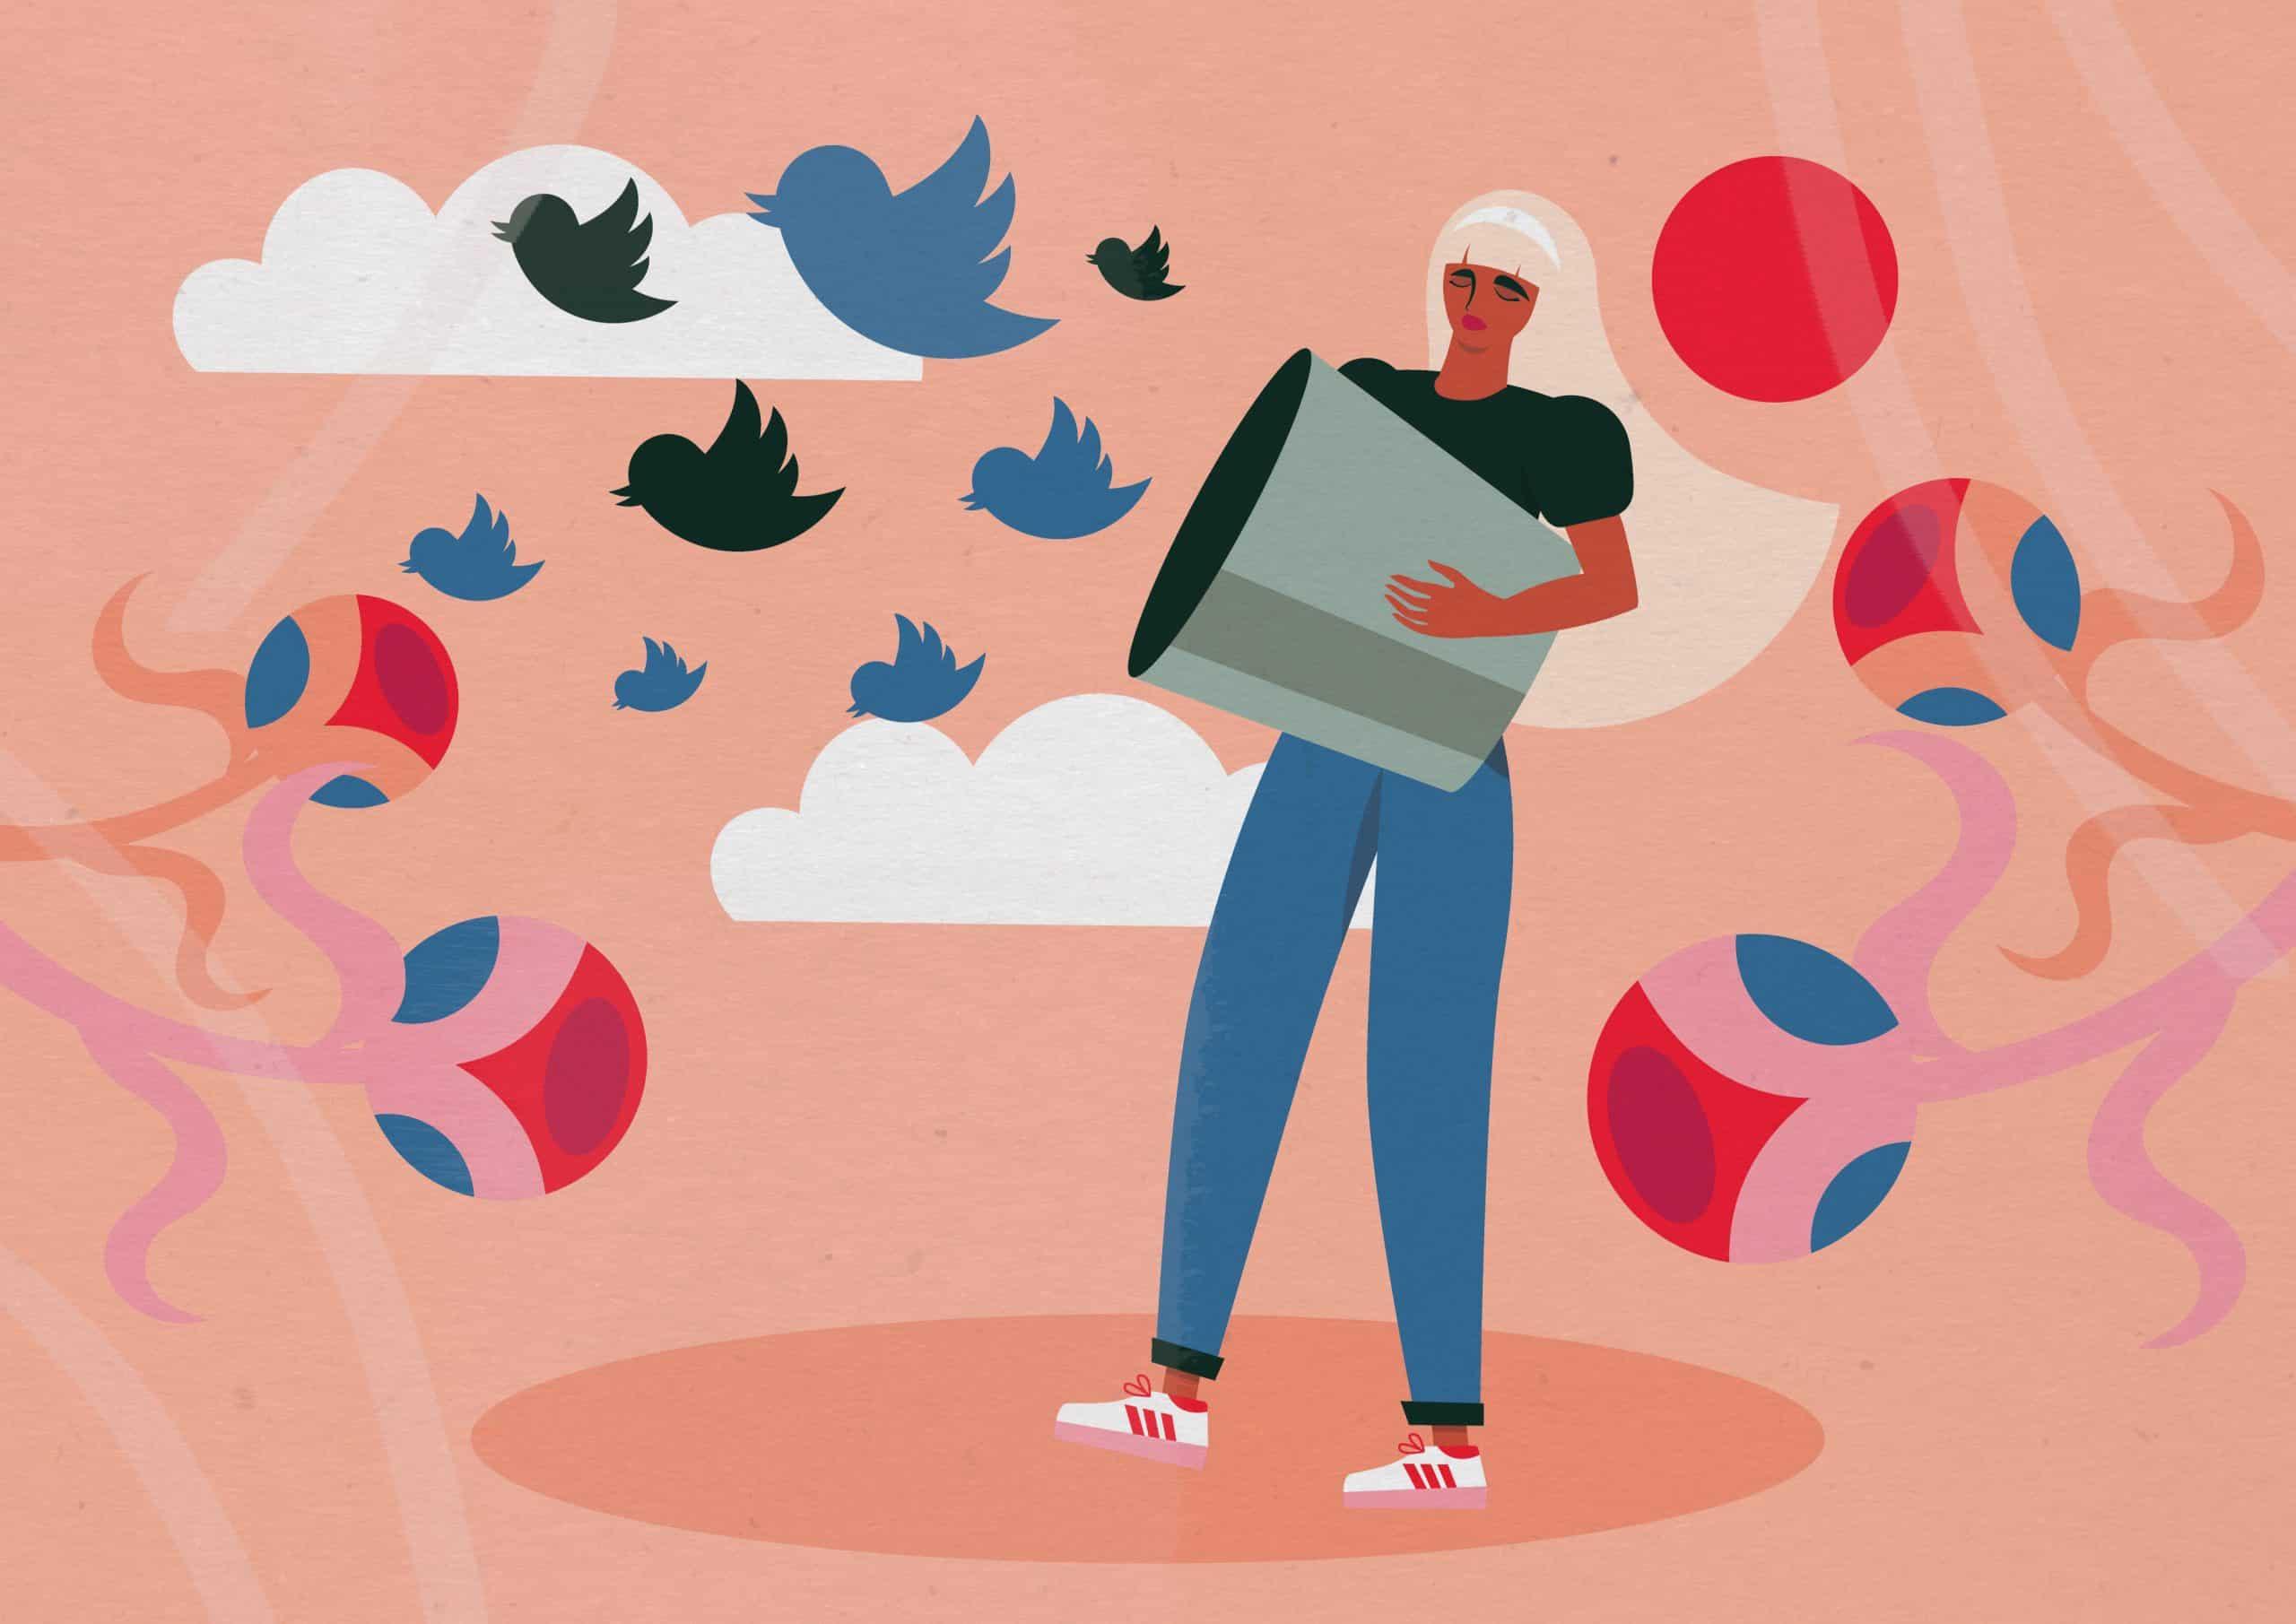 Илустрација: Катарина Мрчела (@kartagina)